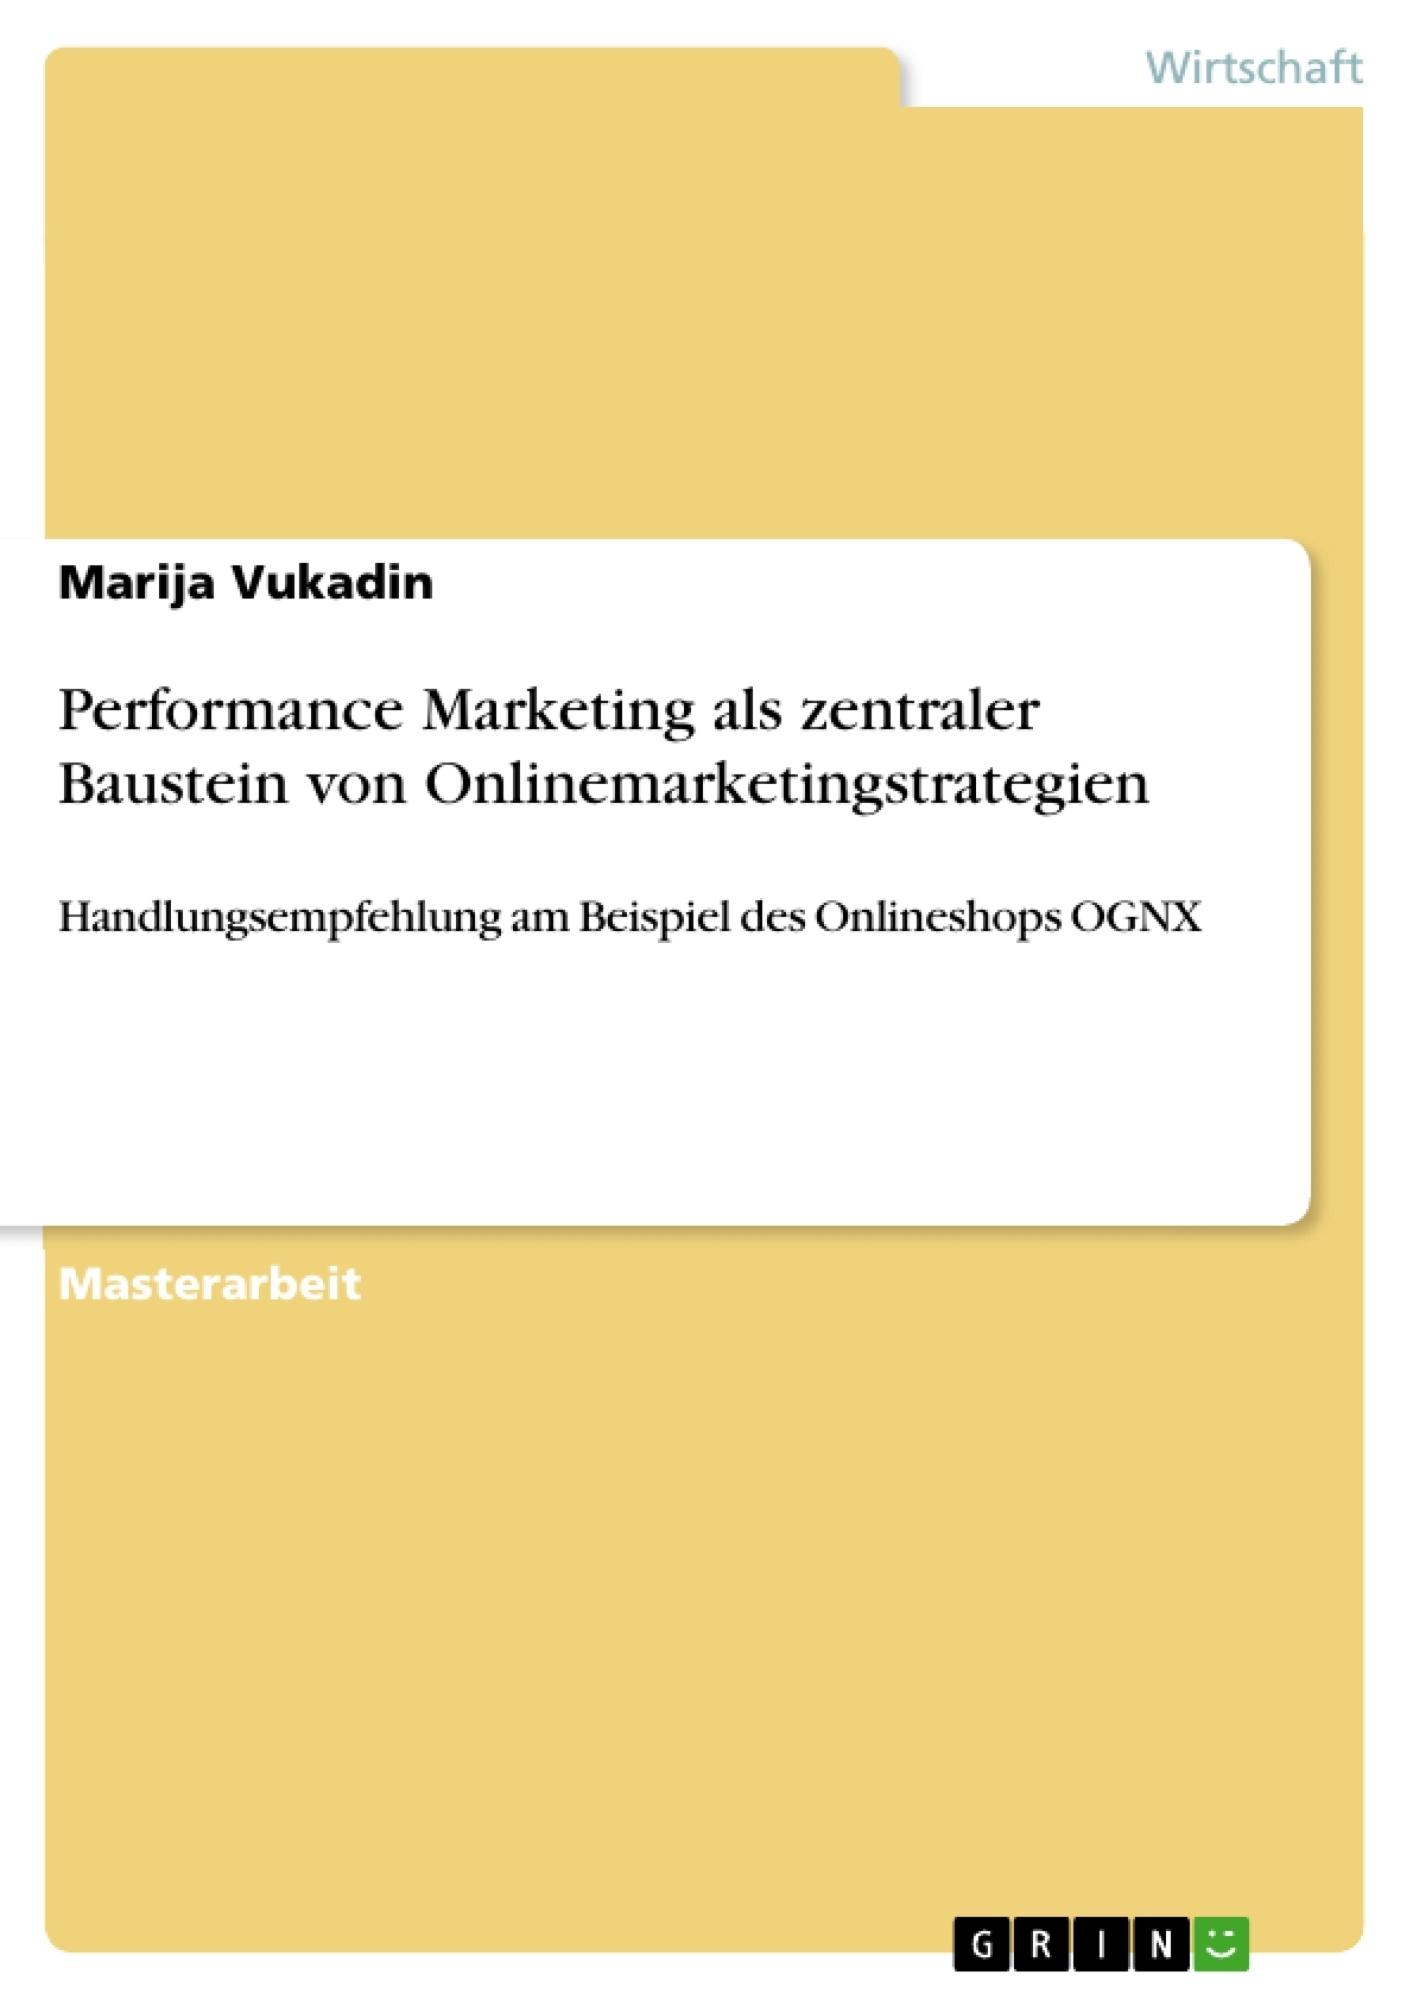 Titel: Performance Marketing als zentraler Baustein von Onlinemarketingstrategien